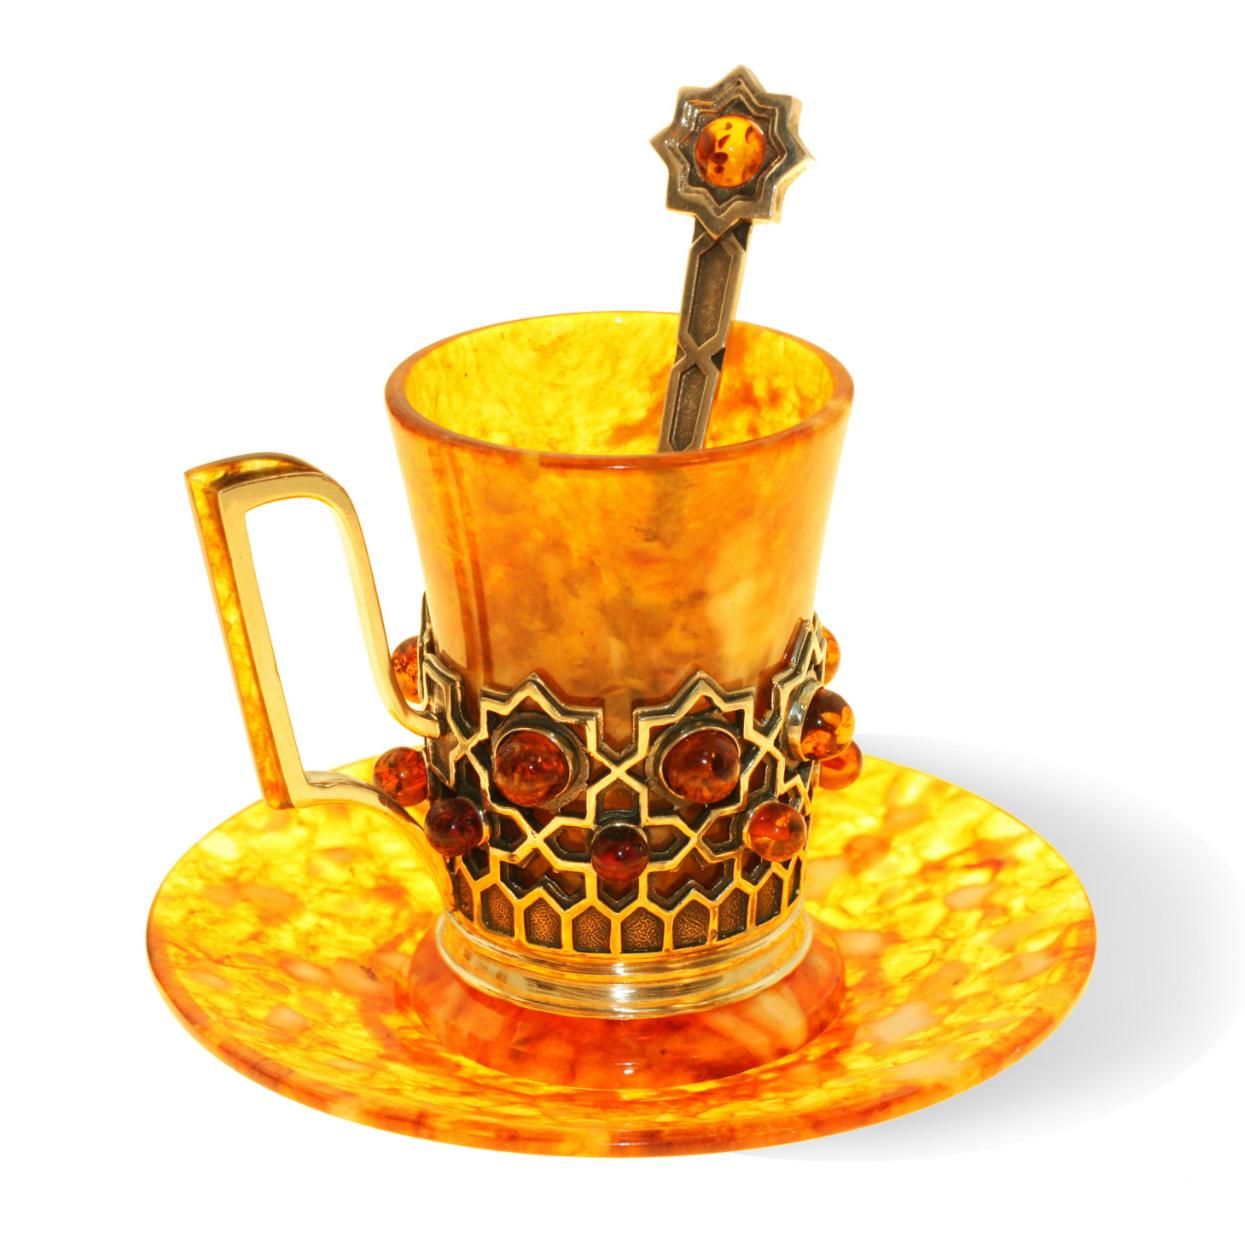 Кофейная чашка из янтаря и бронзы «Визирь» с ложечкой